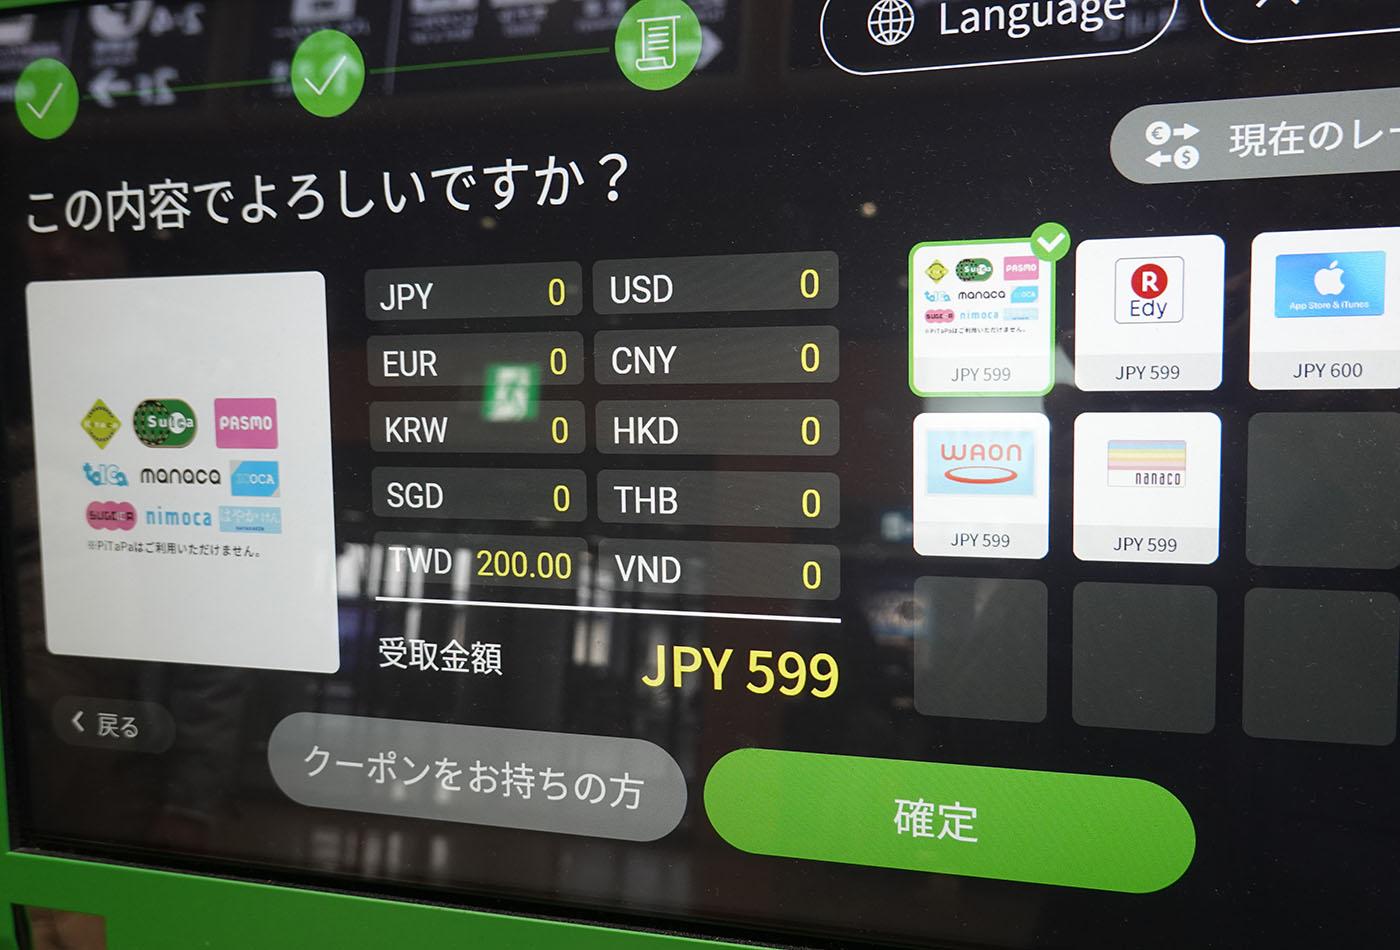 海外通貨電子マネーチャージ